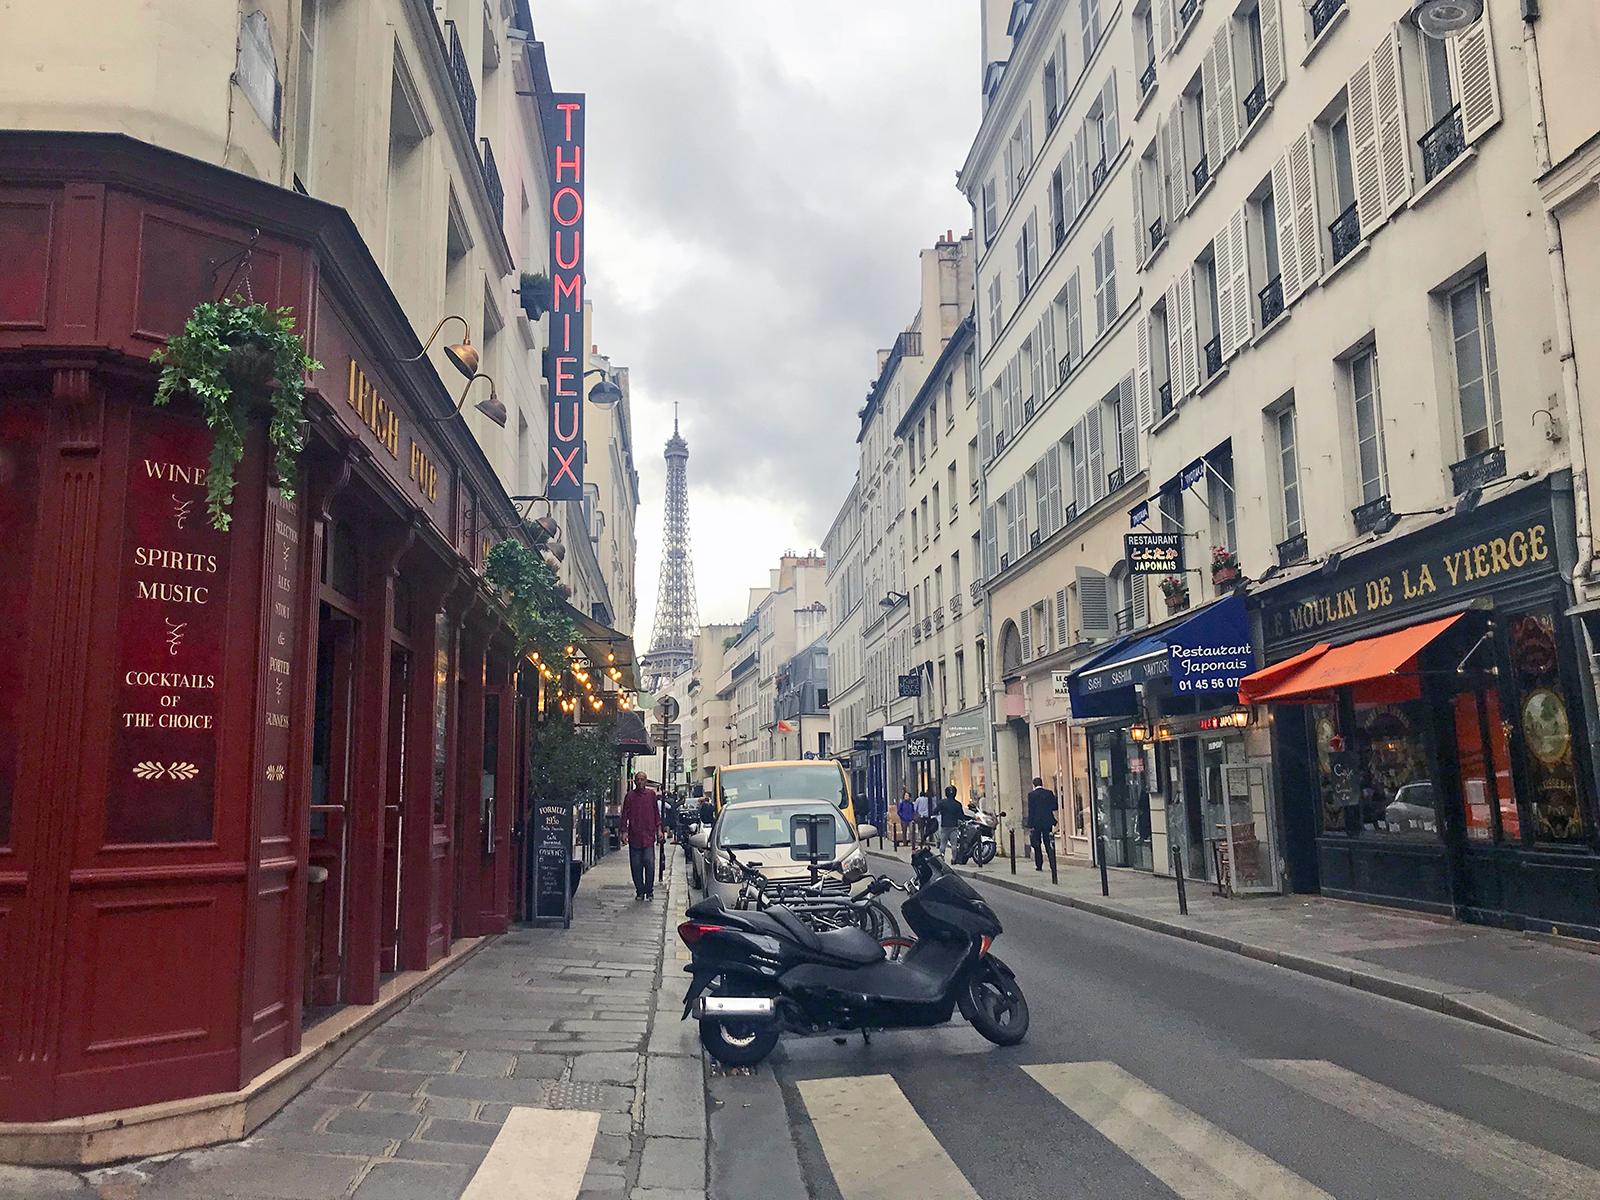 Die besten Haken-Bars in paris